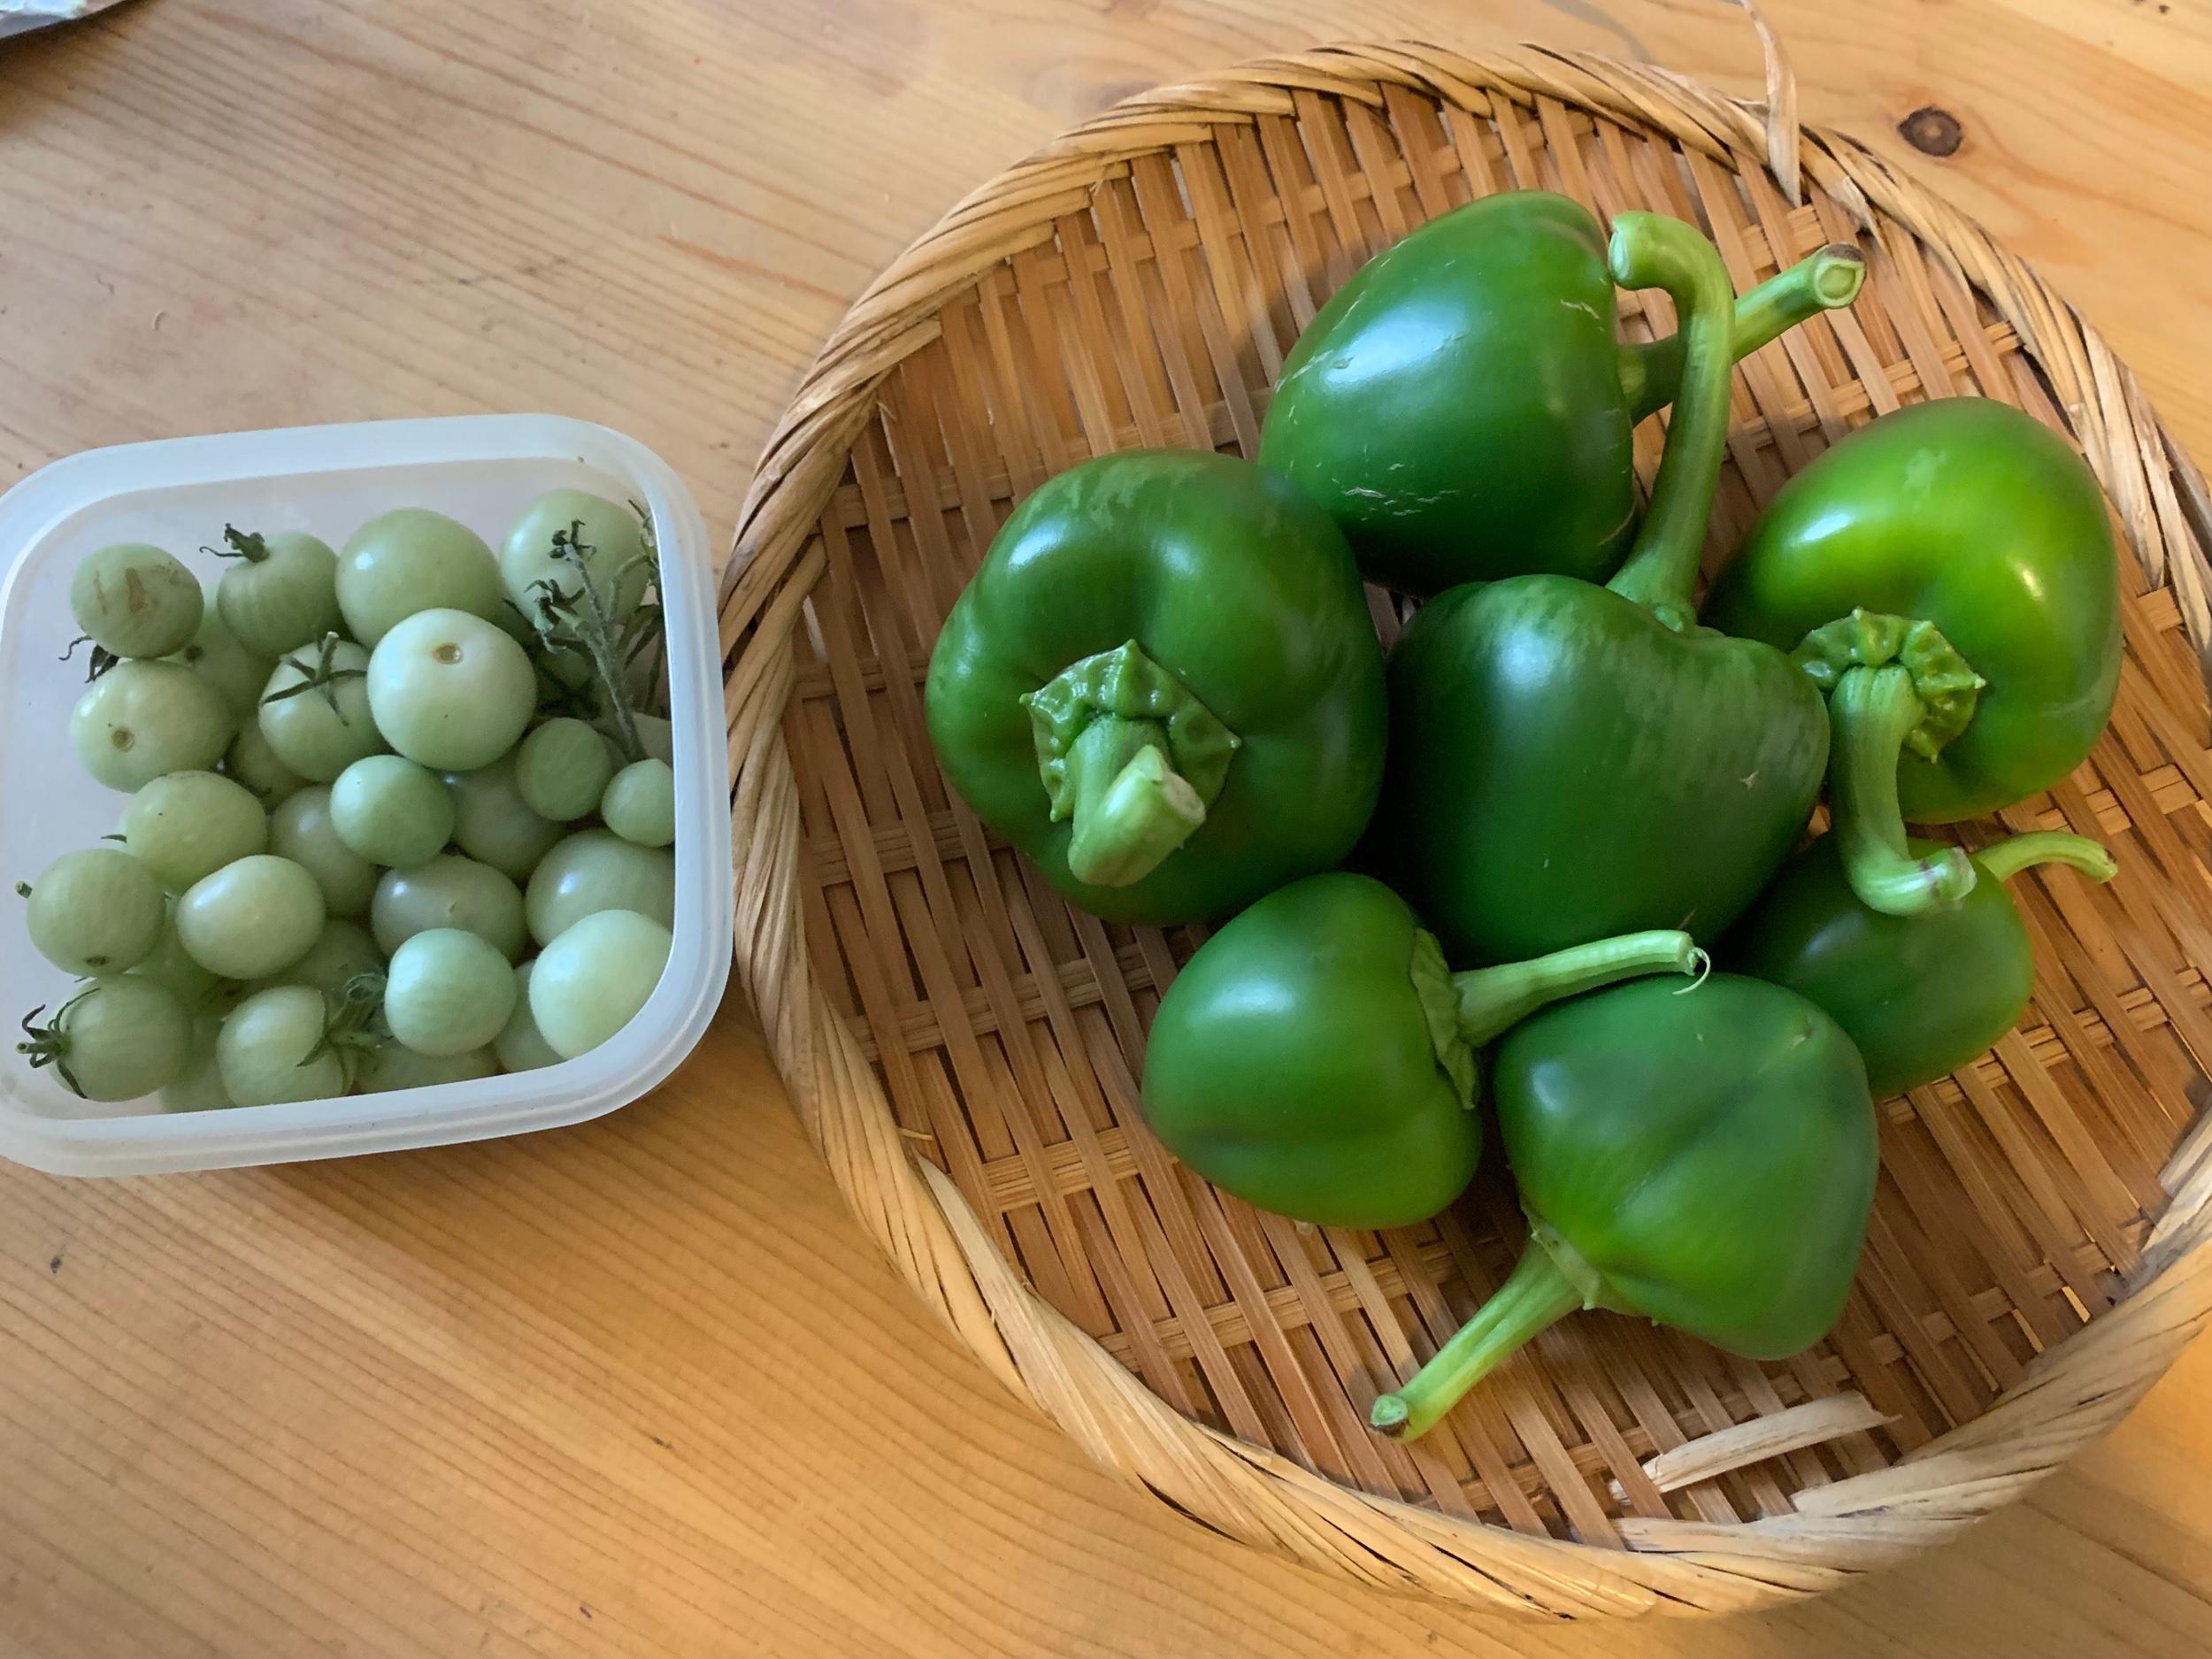 Planning to make jam with green tomato and green apple. 青いトマトと青リンゴのジャムを作ってみようかな。。。